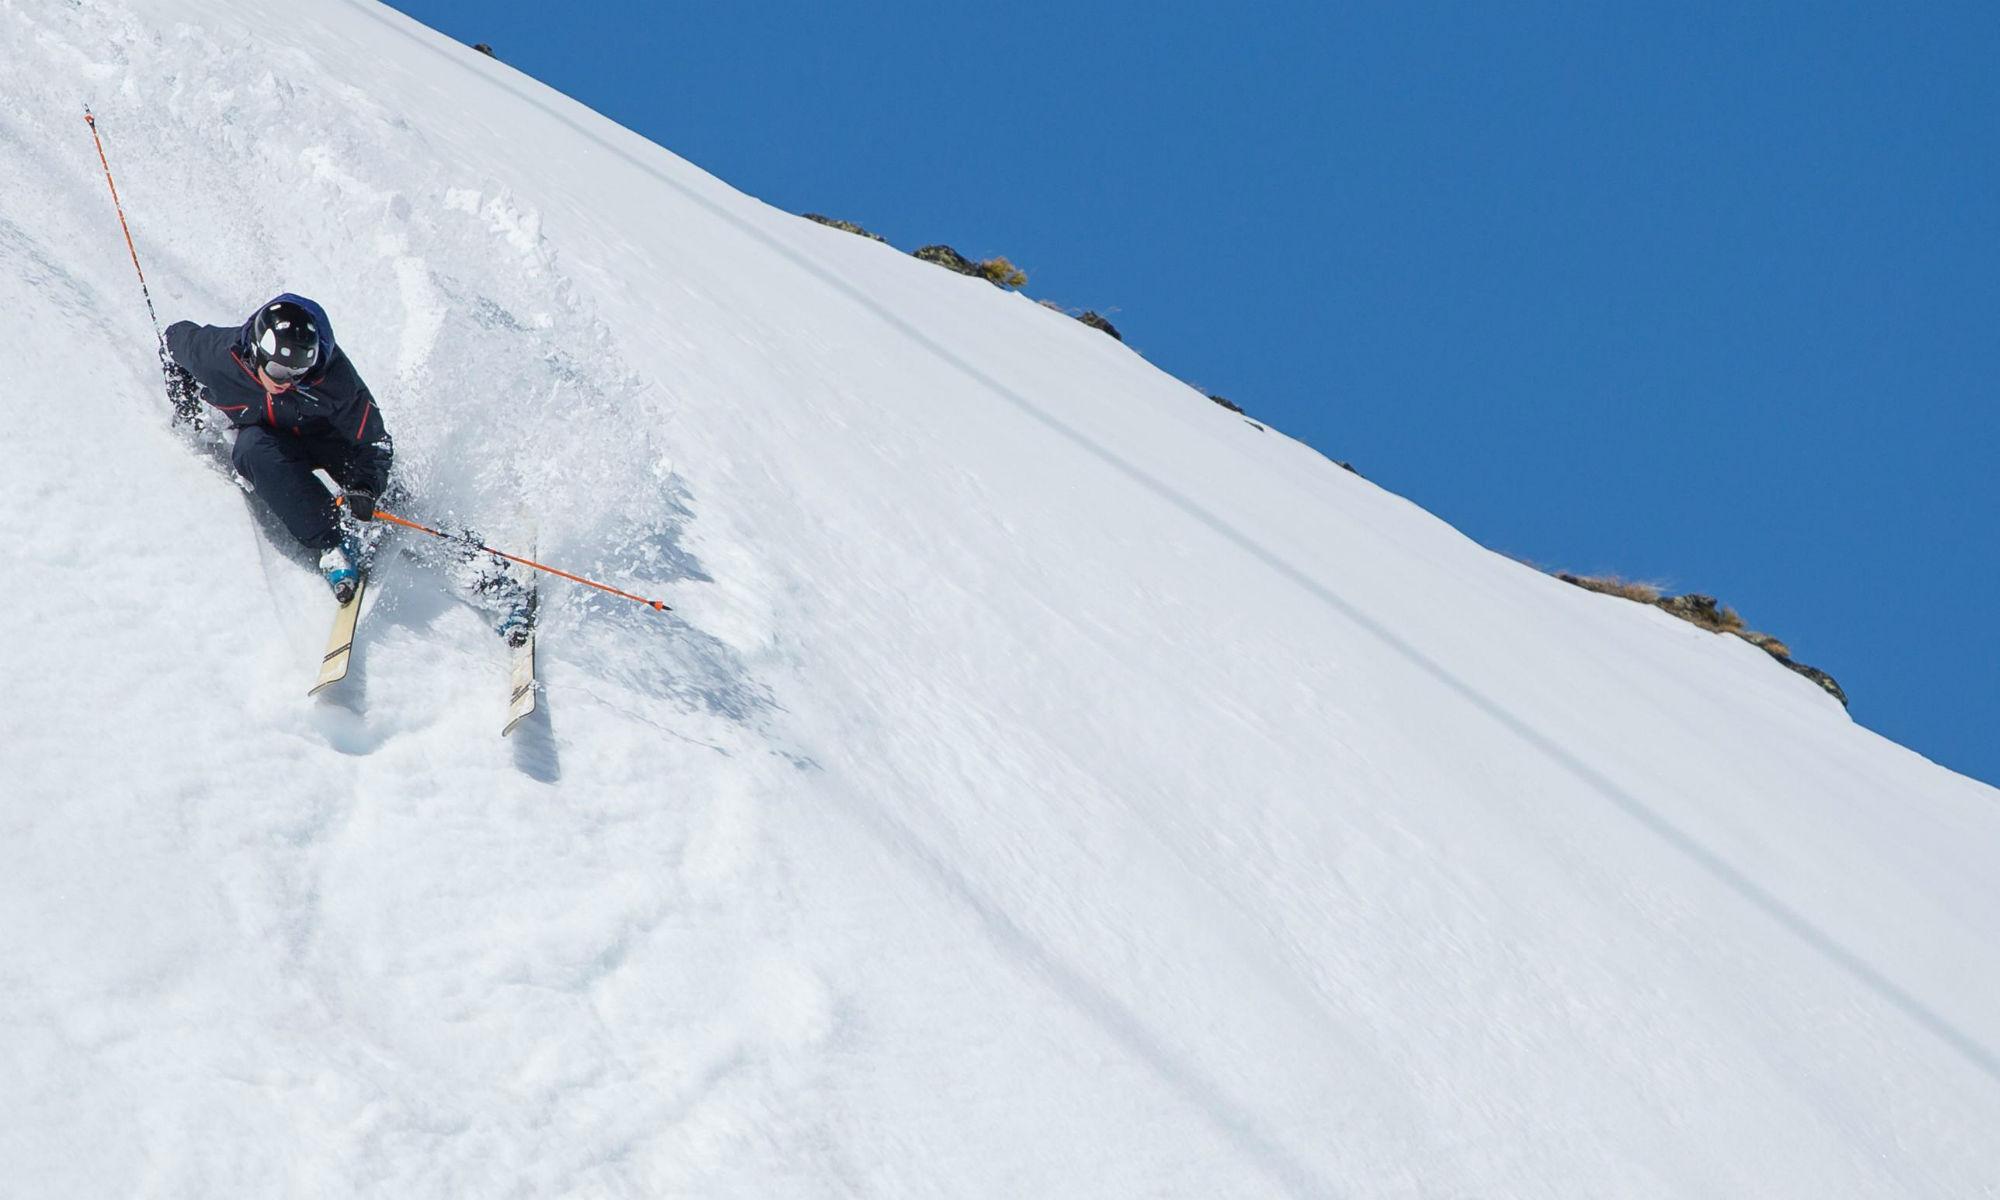 Freerider beim Kurvenziehen an einem steilen Hang in Zermatt.